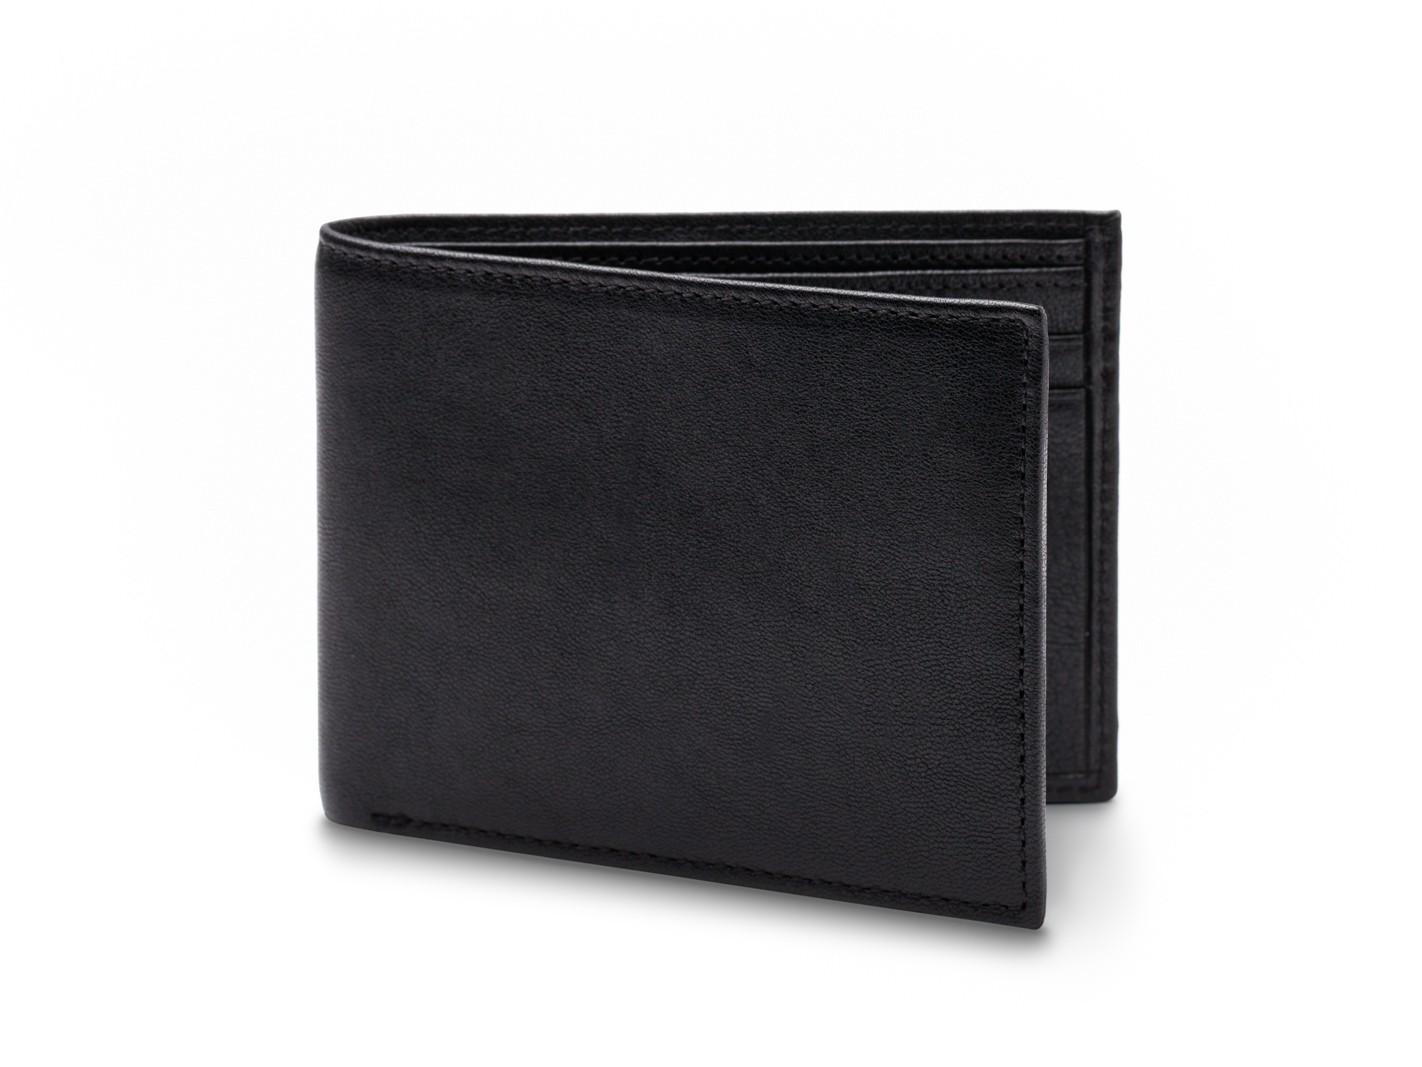 Executive I.D Wallet